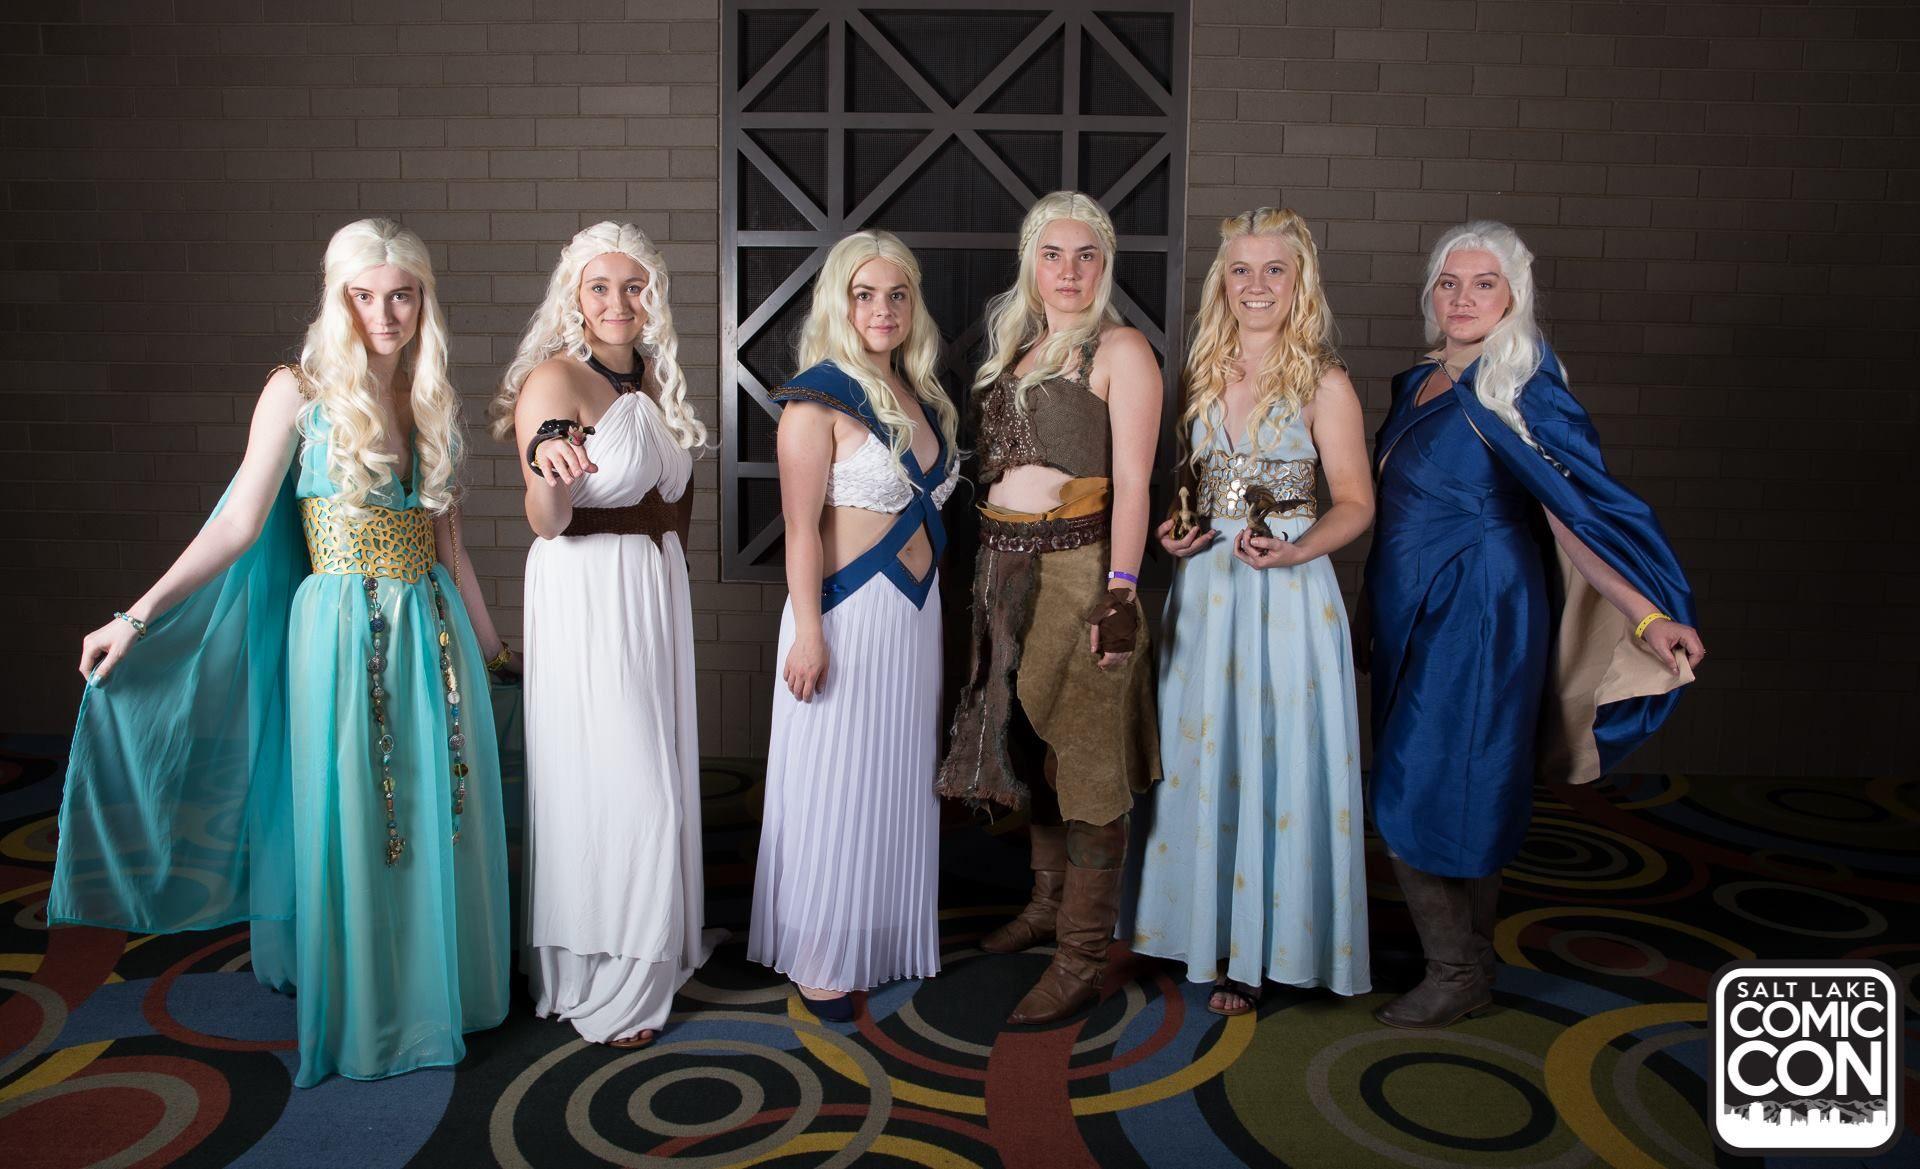 Daenerys Targaryen from Game of Thrones cosplayers at Salt Lake Comic Con 2015